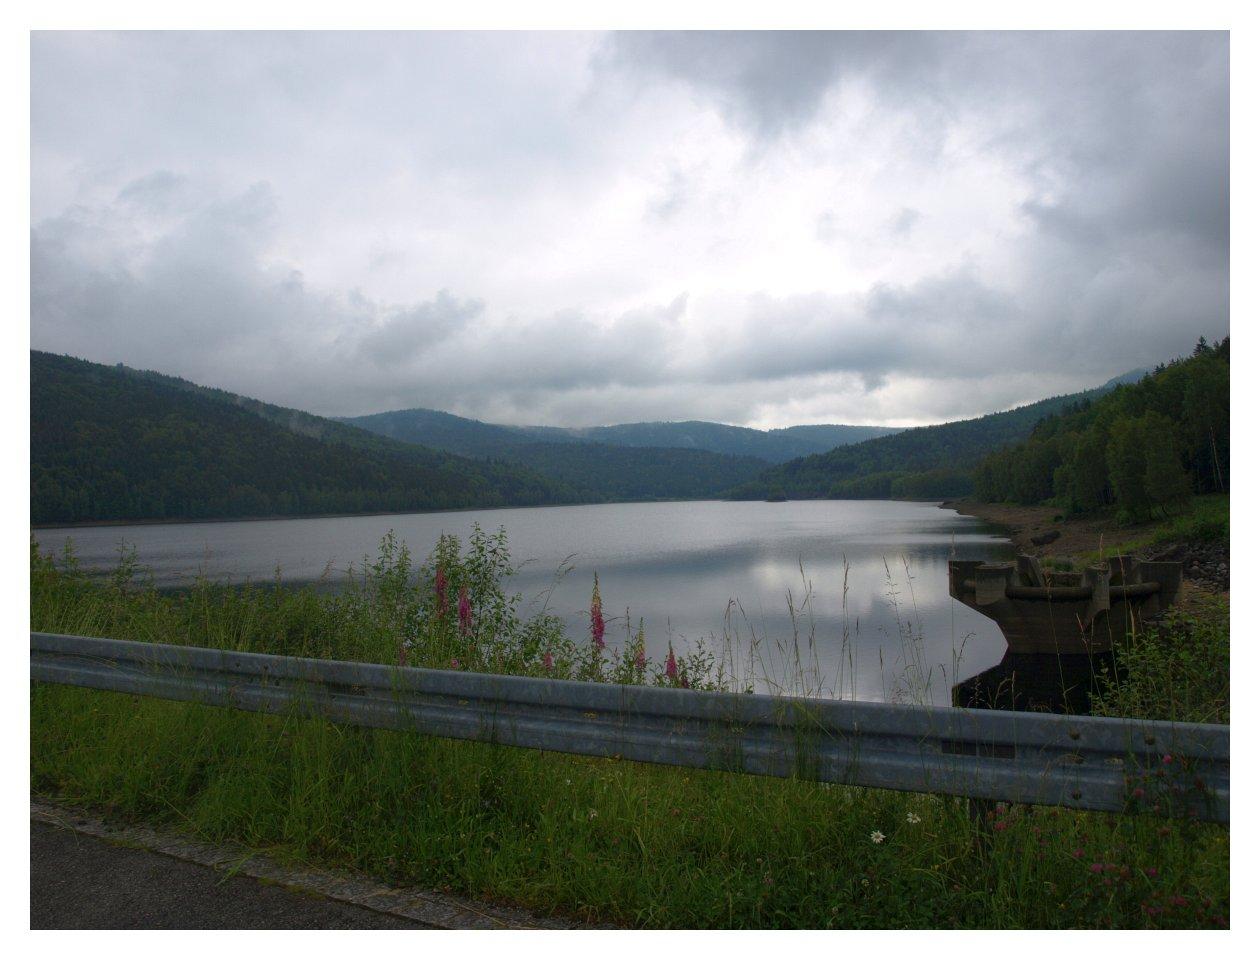 http://www.bayerwaldwandern.de/juni15/24juni15_3.jpg